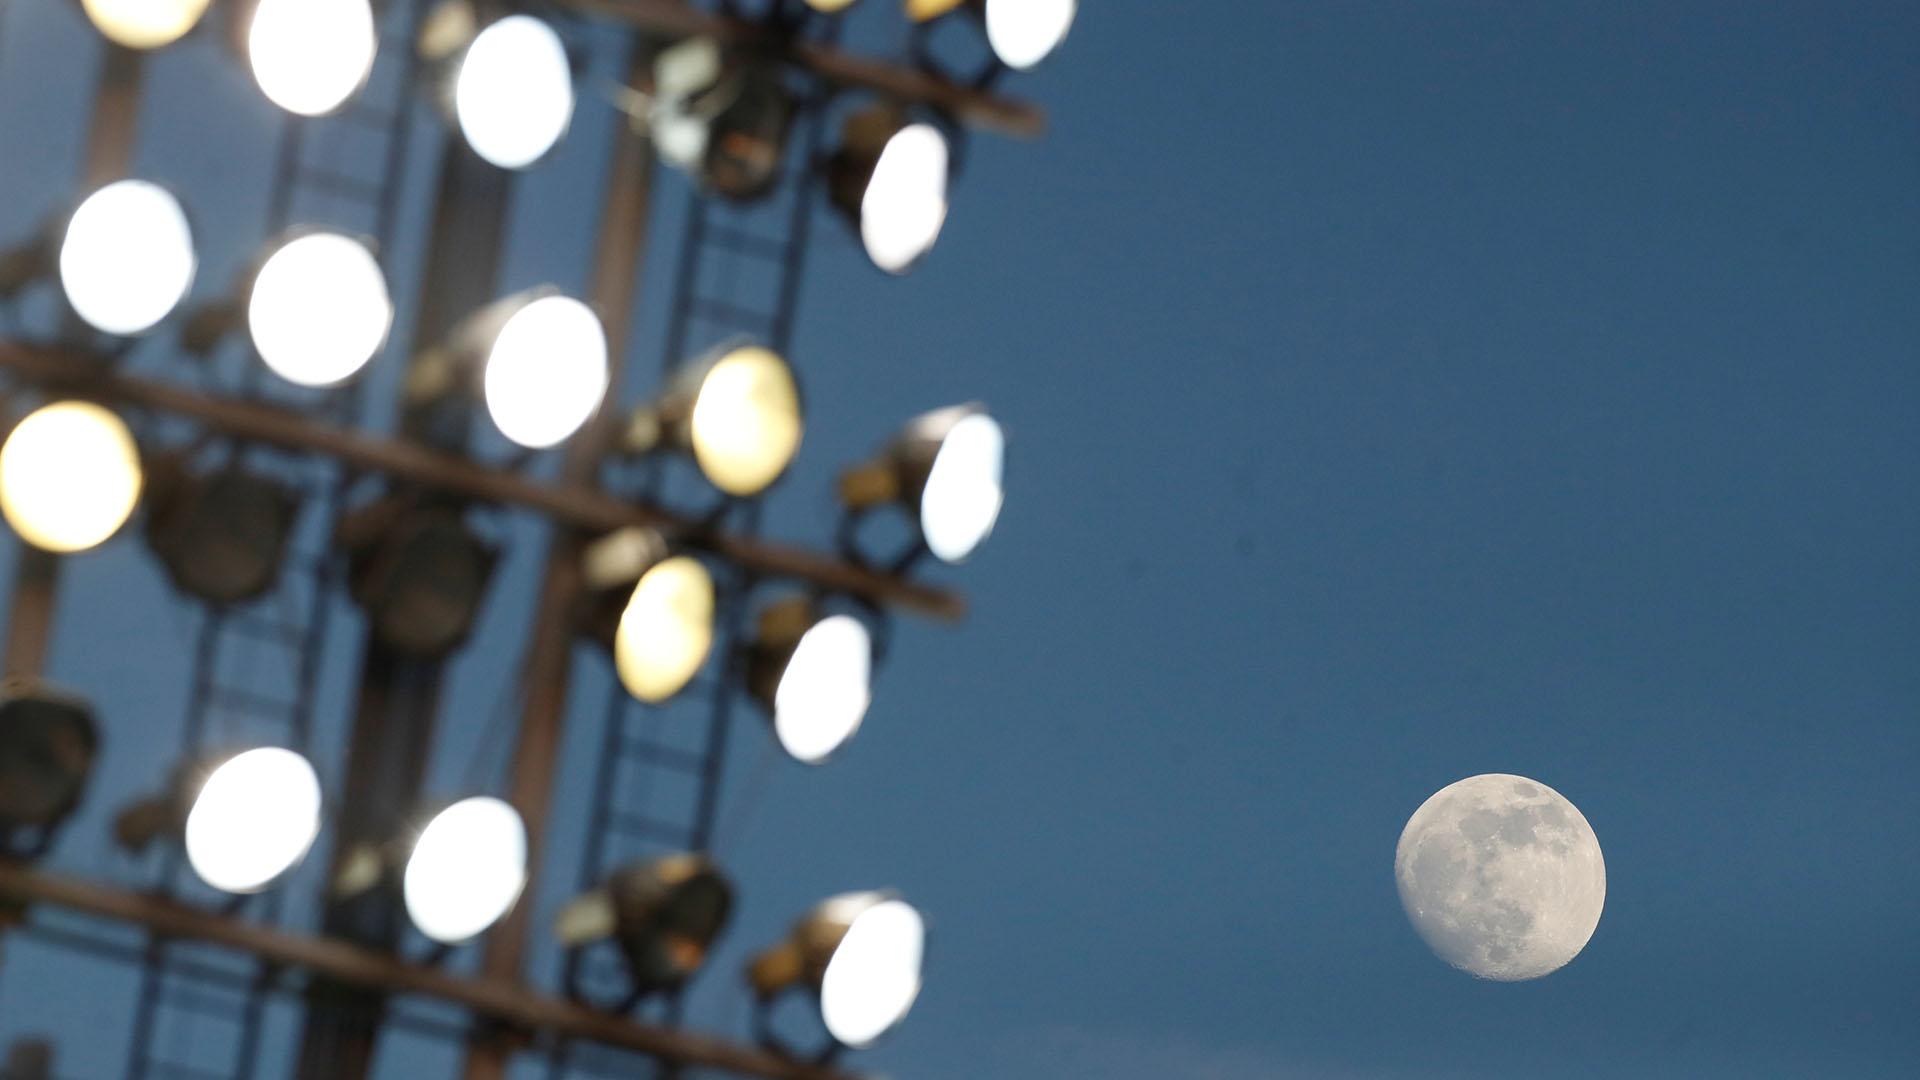 La Luna, vista desde un estadio de fútbol en el Reino Unido(Reuters/Carl Recine)